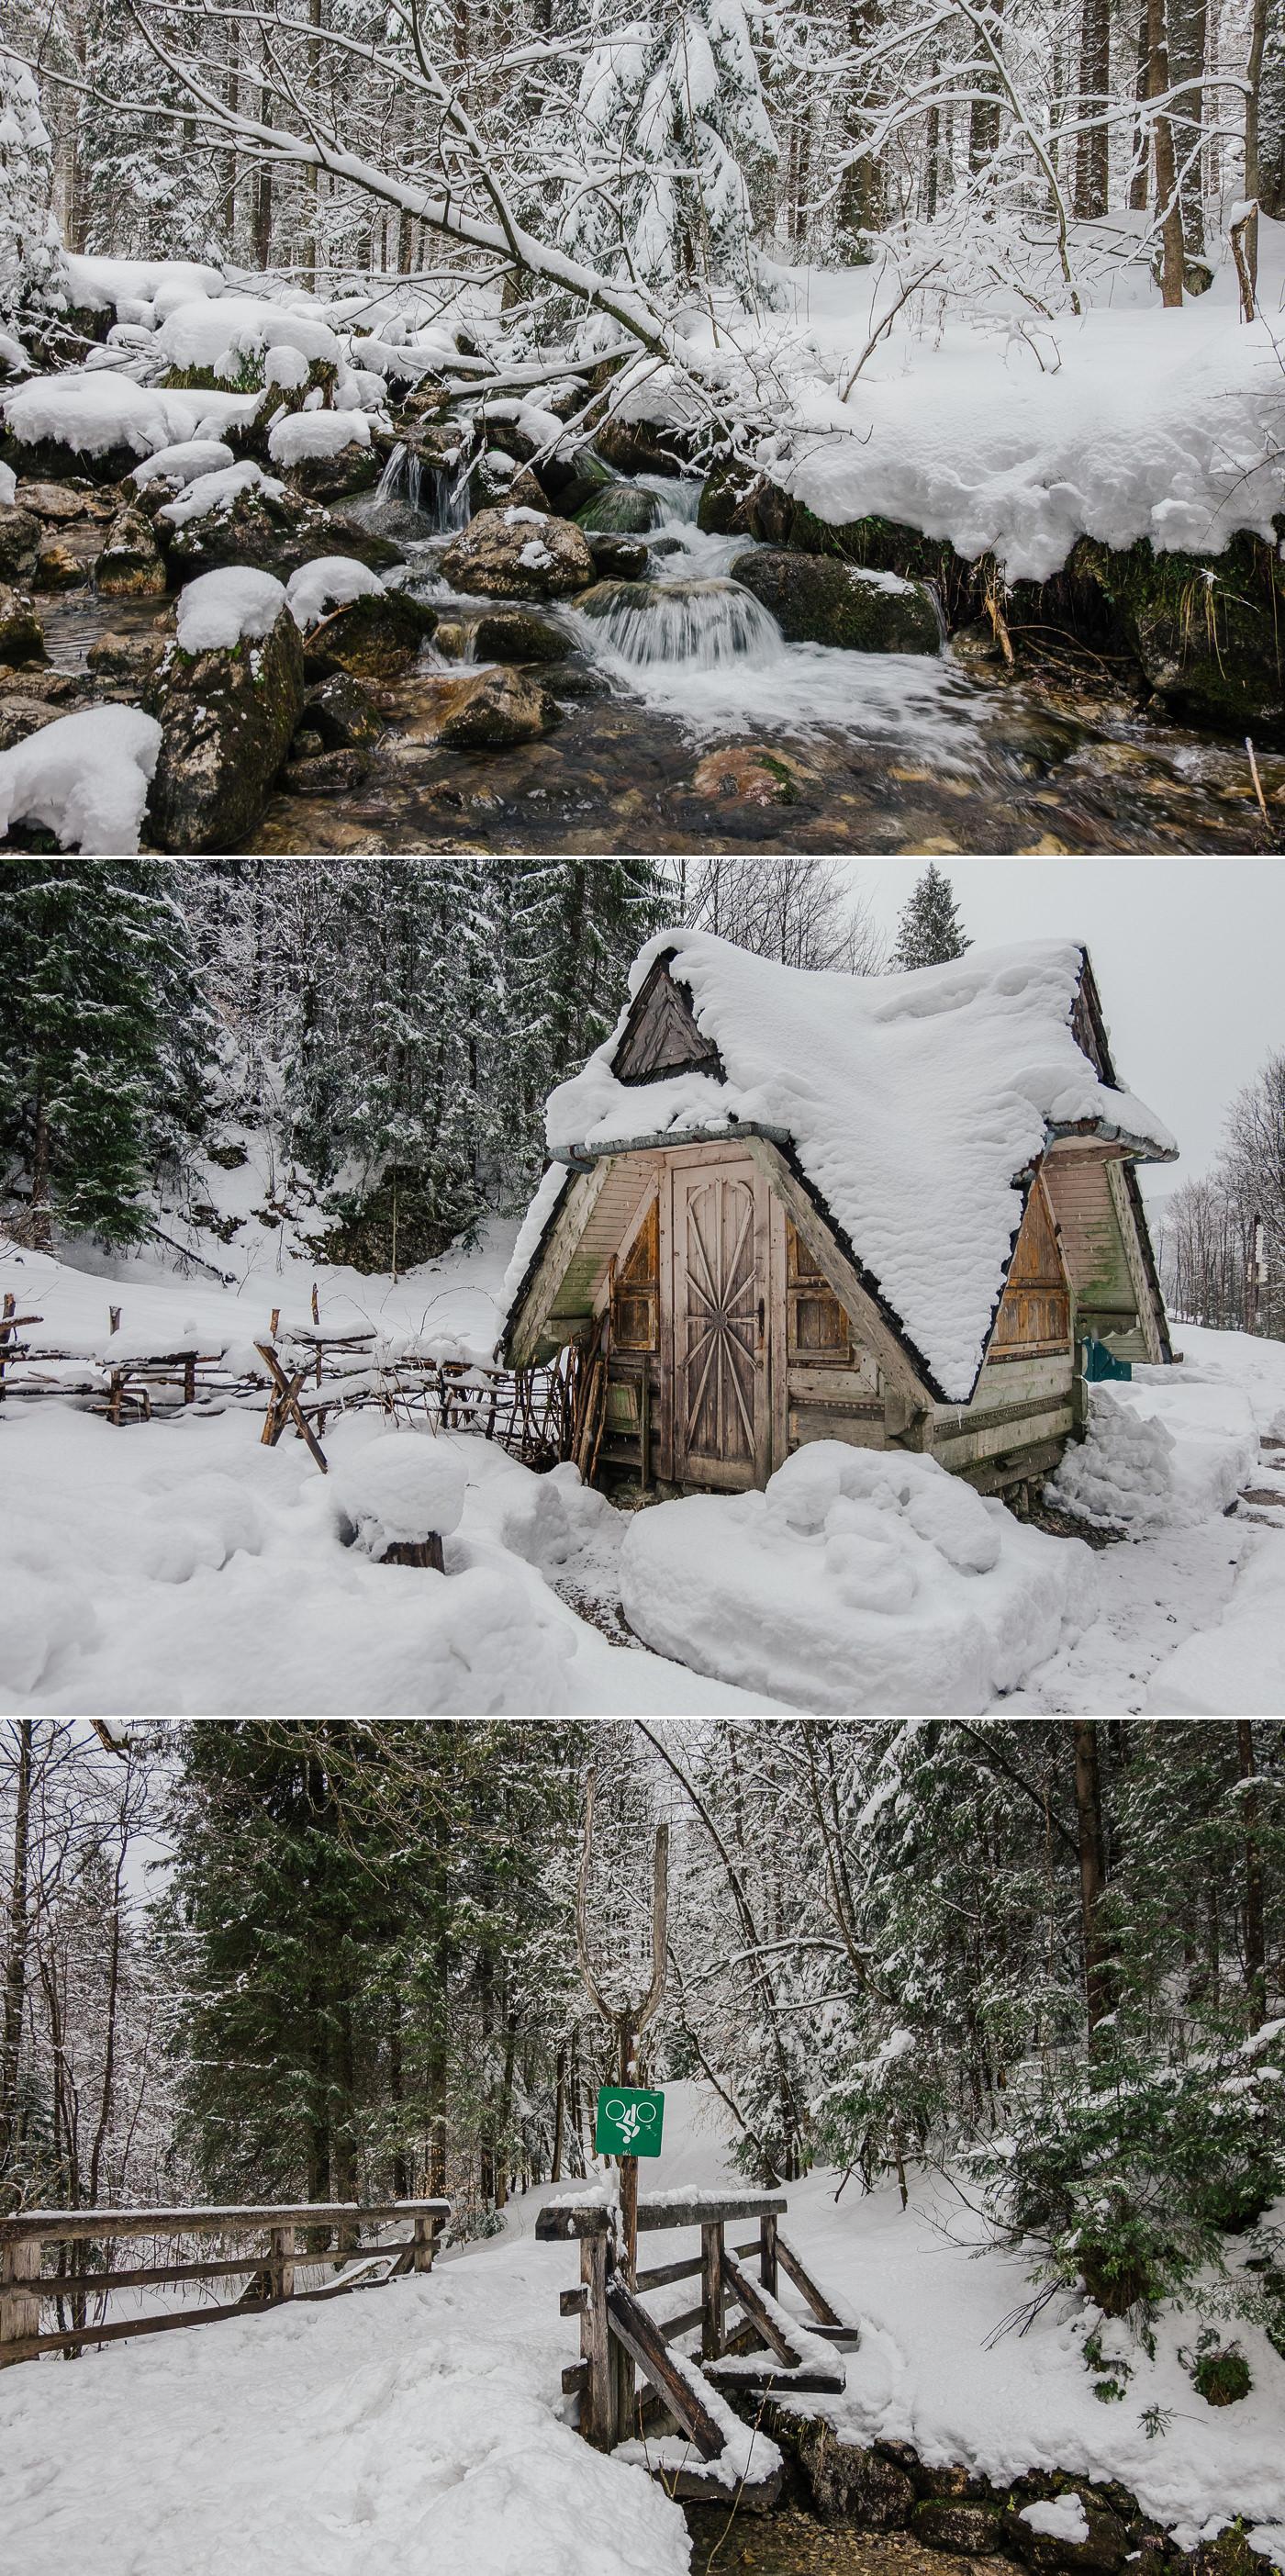 Zimawiosna_Piotr_Glodzik__3